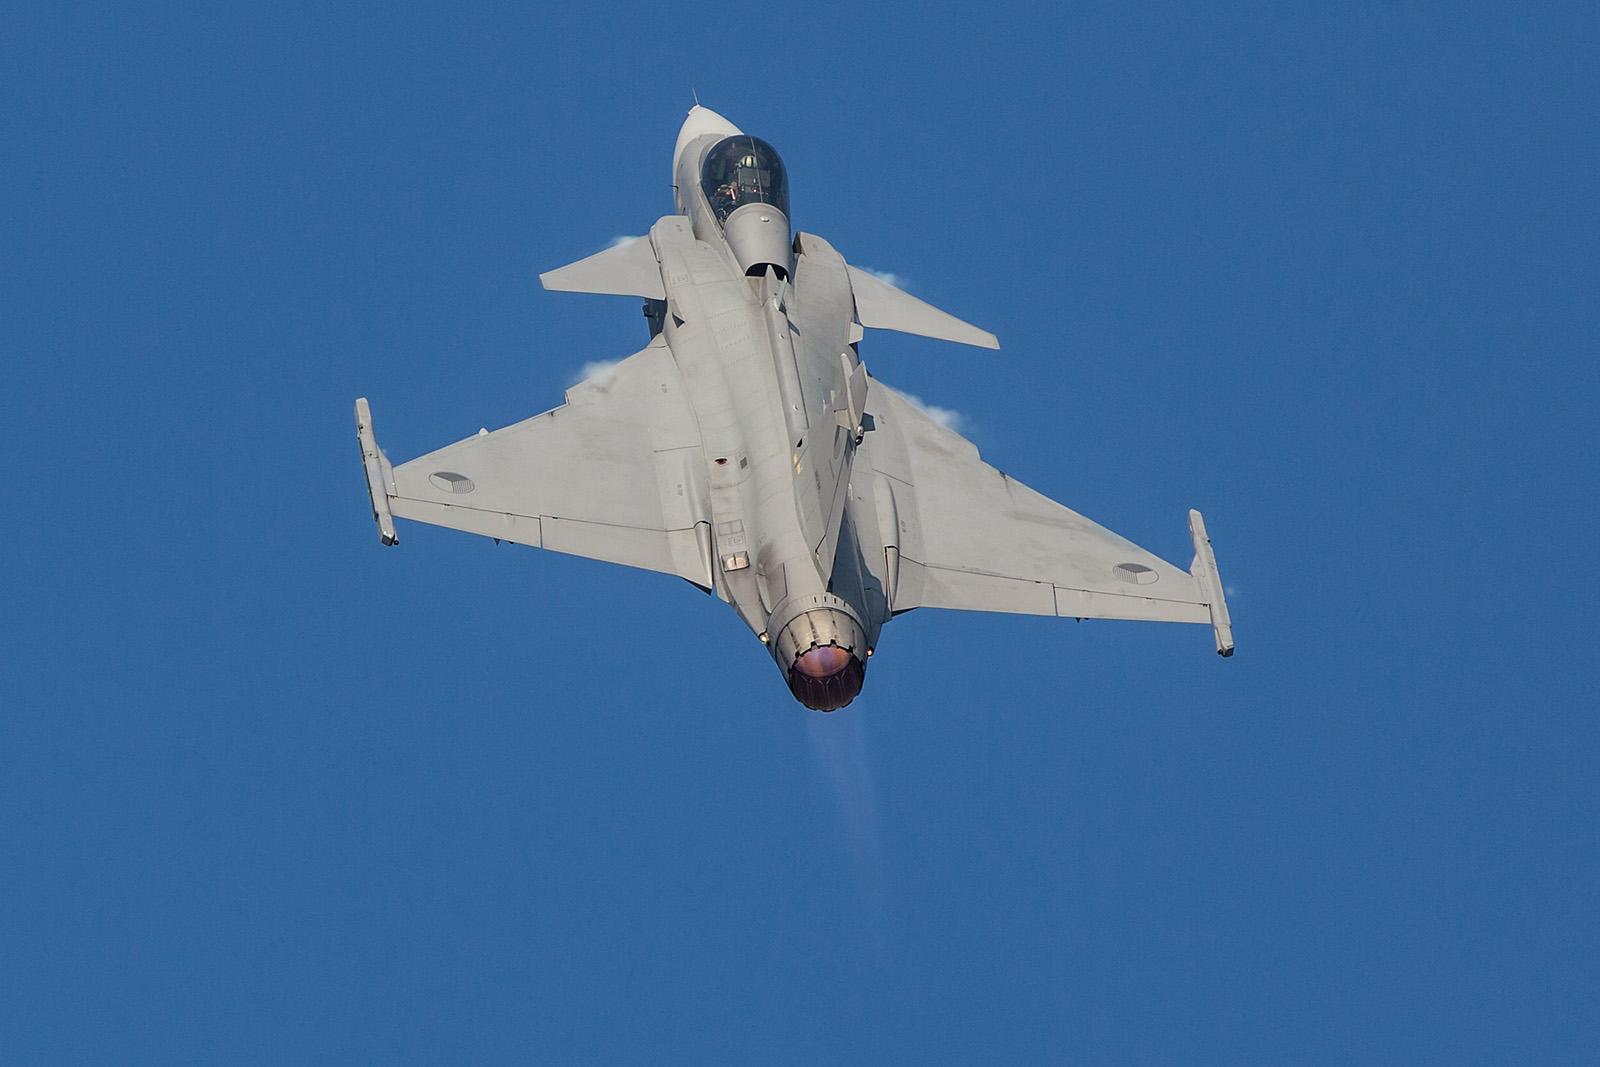 Die Gripen fliegt ein sehr bemerkenswertes Display. Trotz nur einem Triebwerk ist der kleine Jet sehr wendig und schnell.